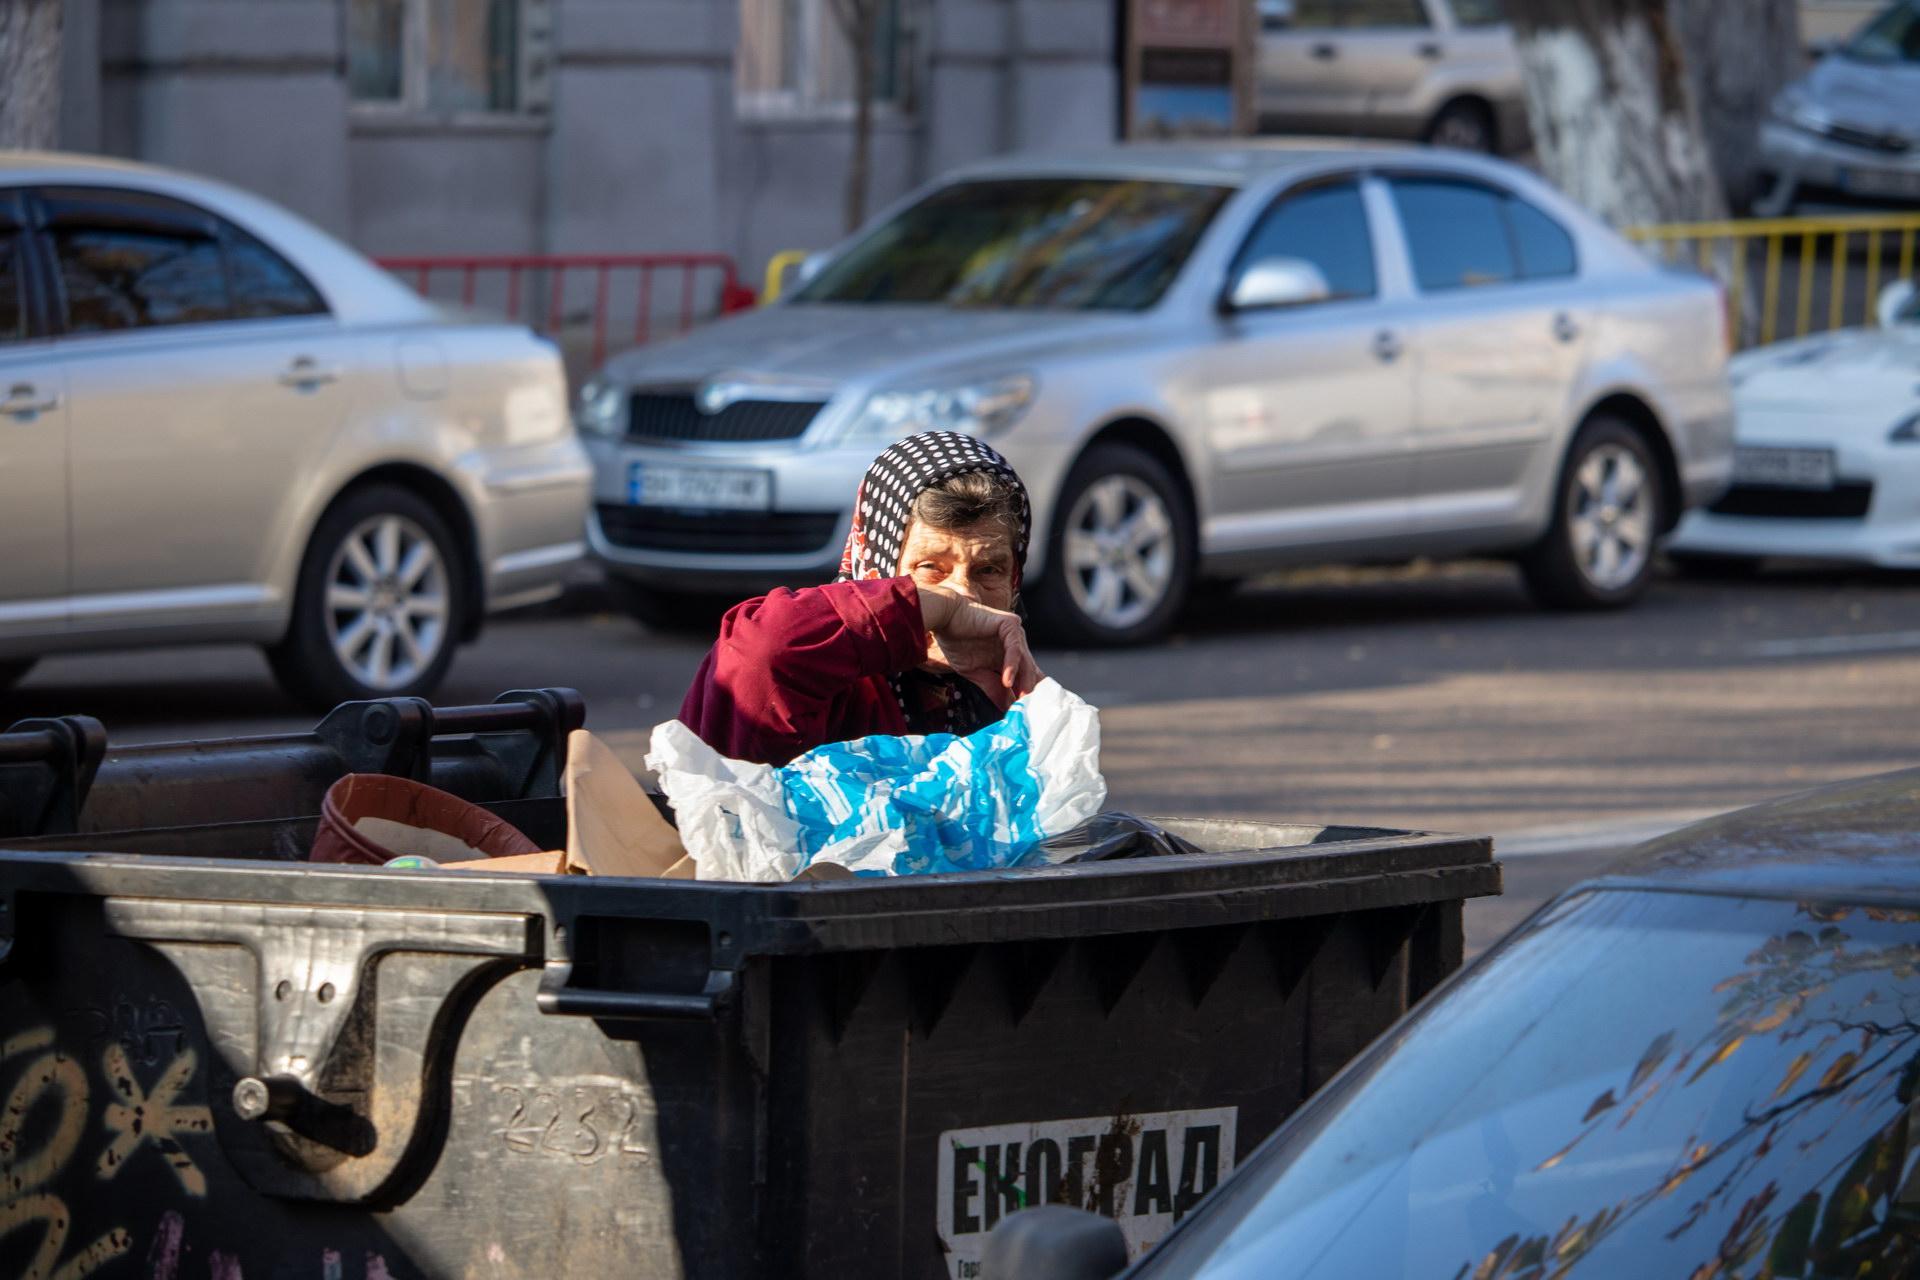 Нищая украинская пенсионерка копается в мусорном баке в поисках еды и вещей – bur4ik.ru – 21.01.2020 - фото 4